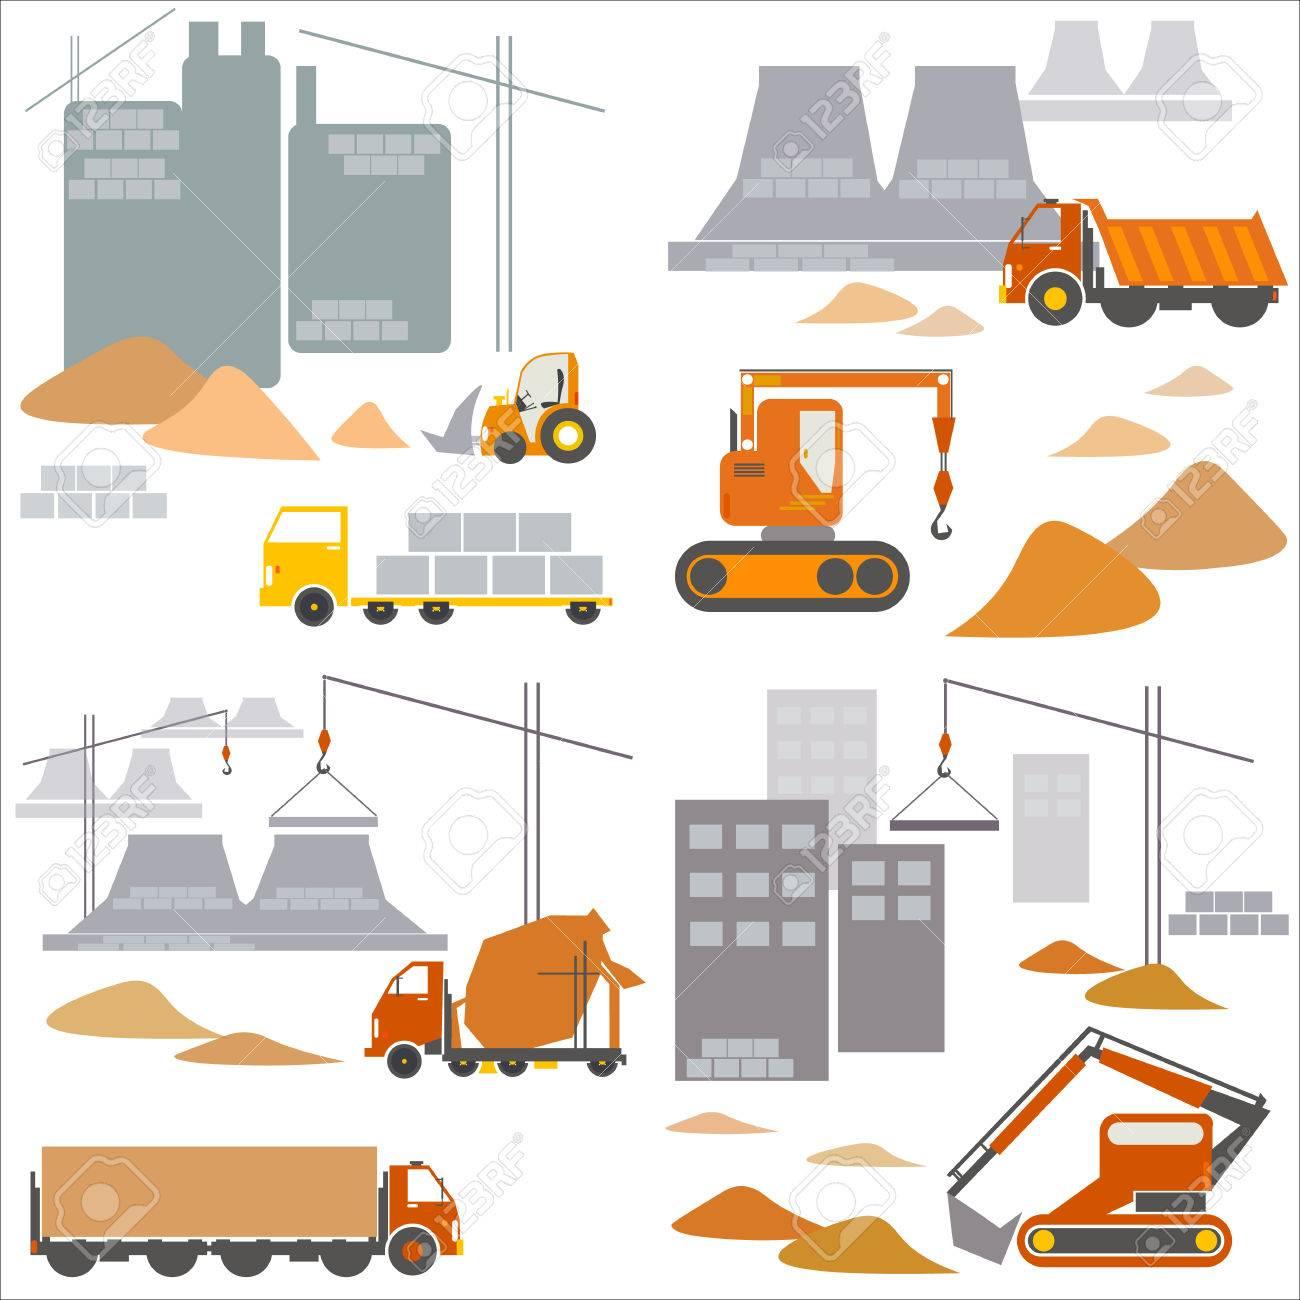 写真素材 , 輸送業および建設、工事現場、ベクトル イラスト